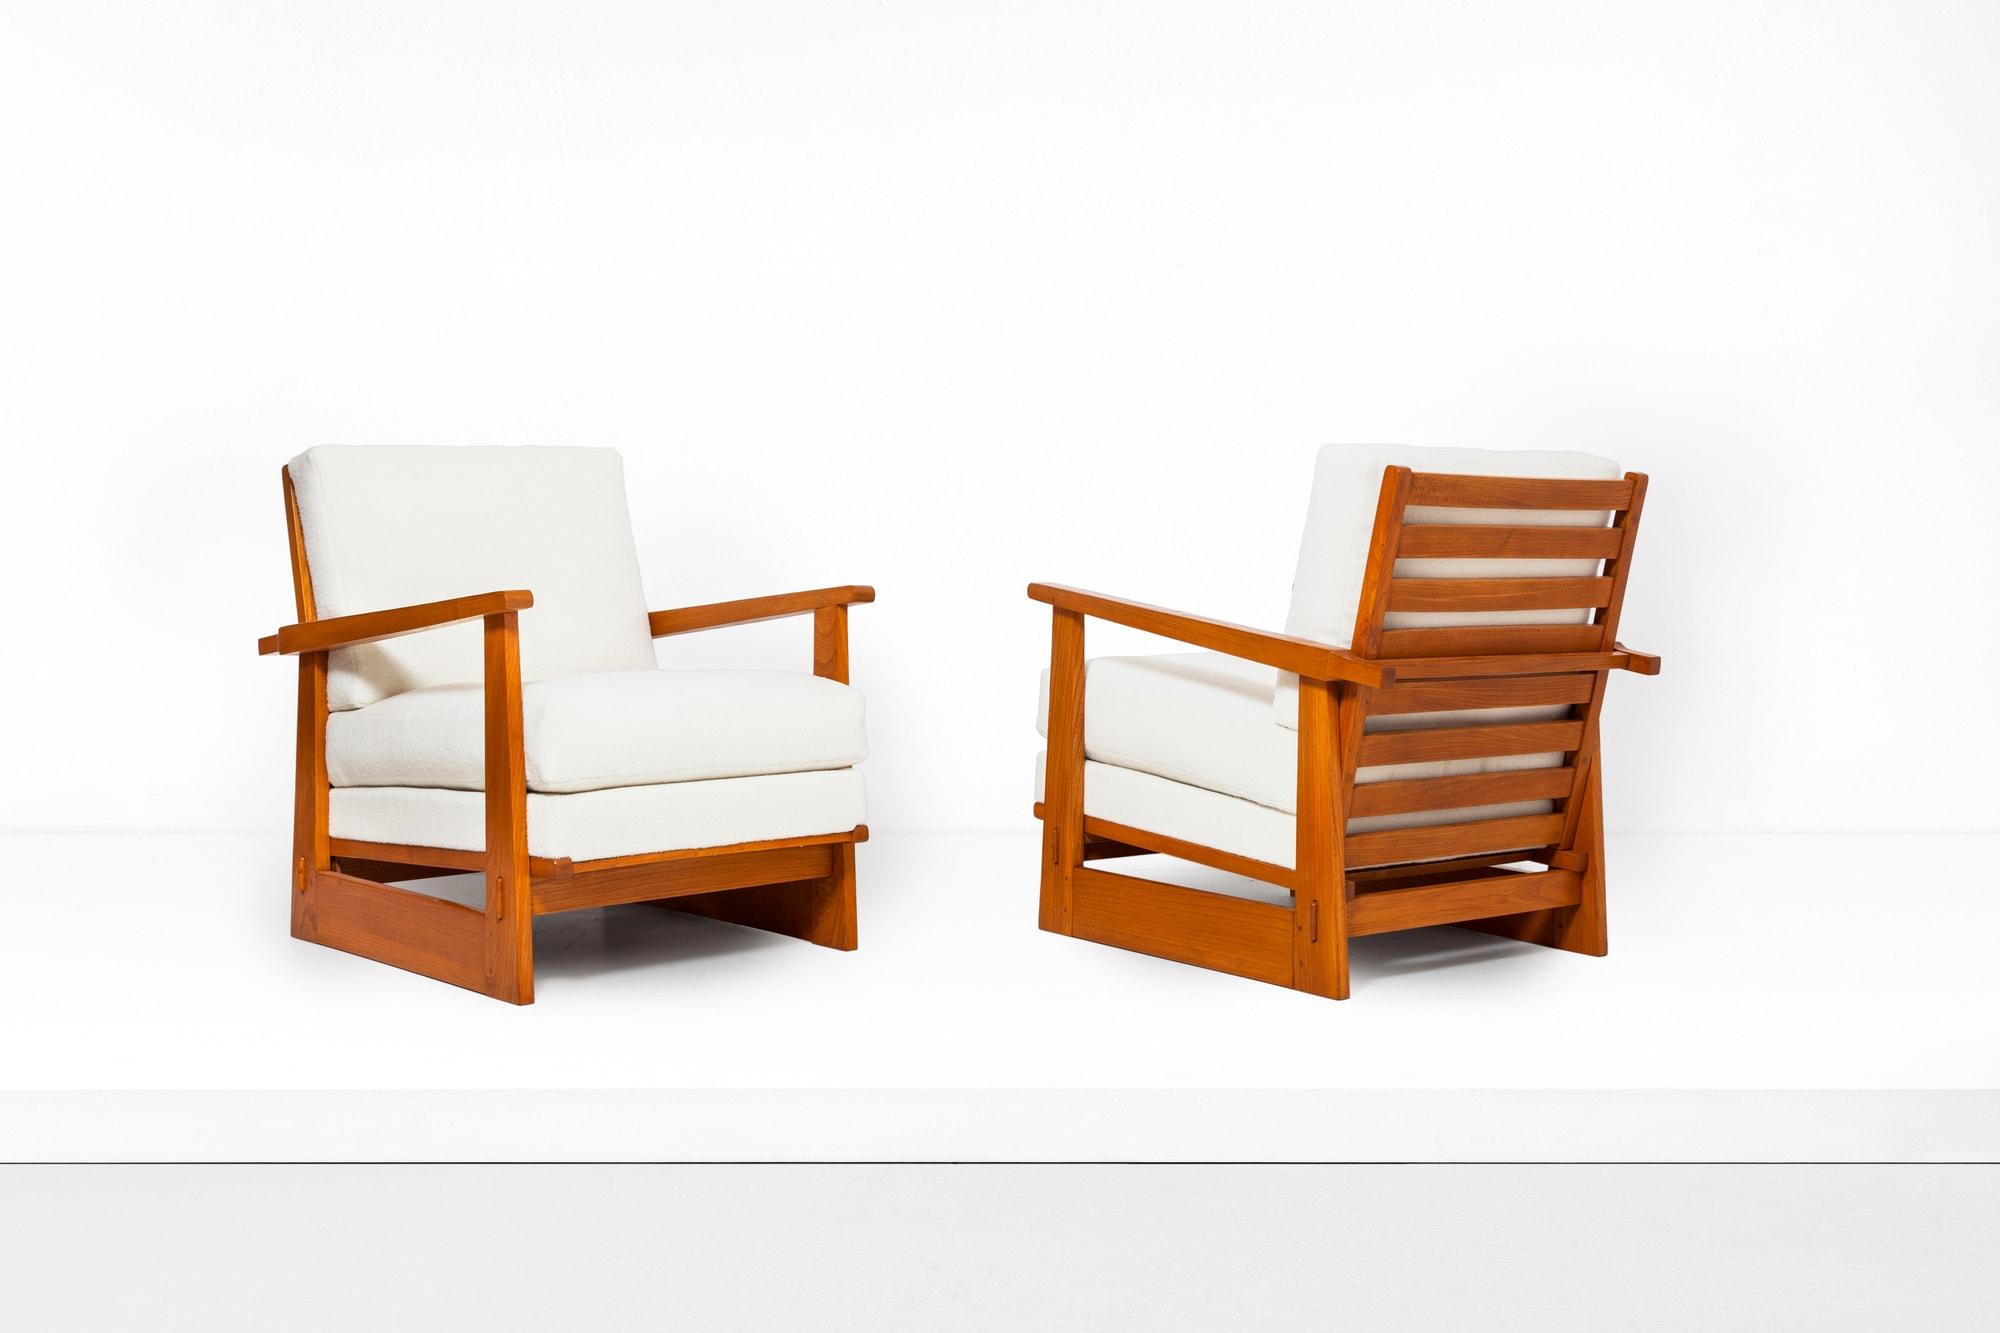 Maxime Old, Paire de fauteuils modernistes, vue 01